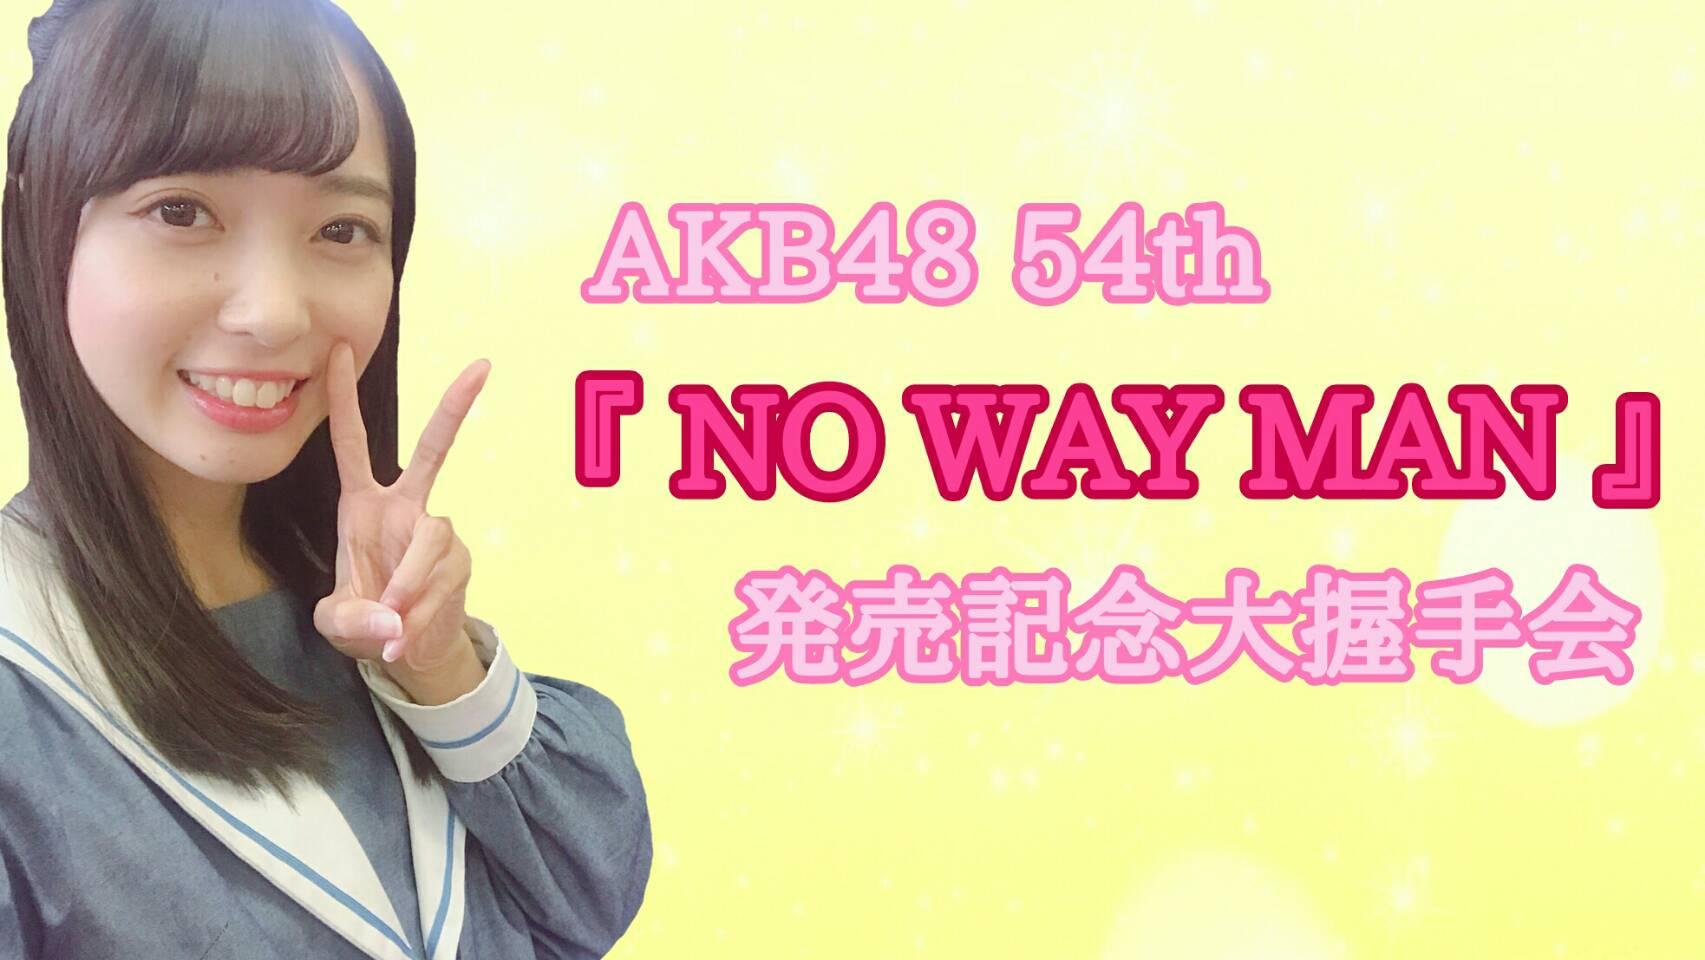 AKB48-54th